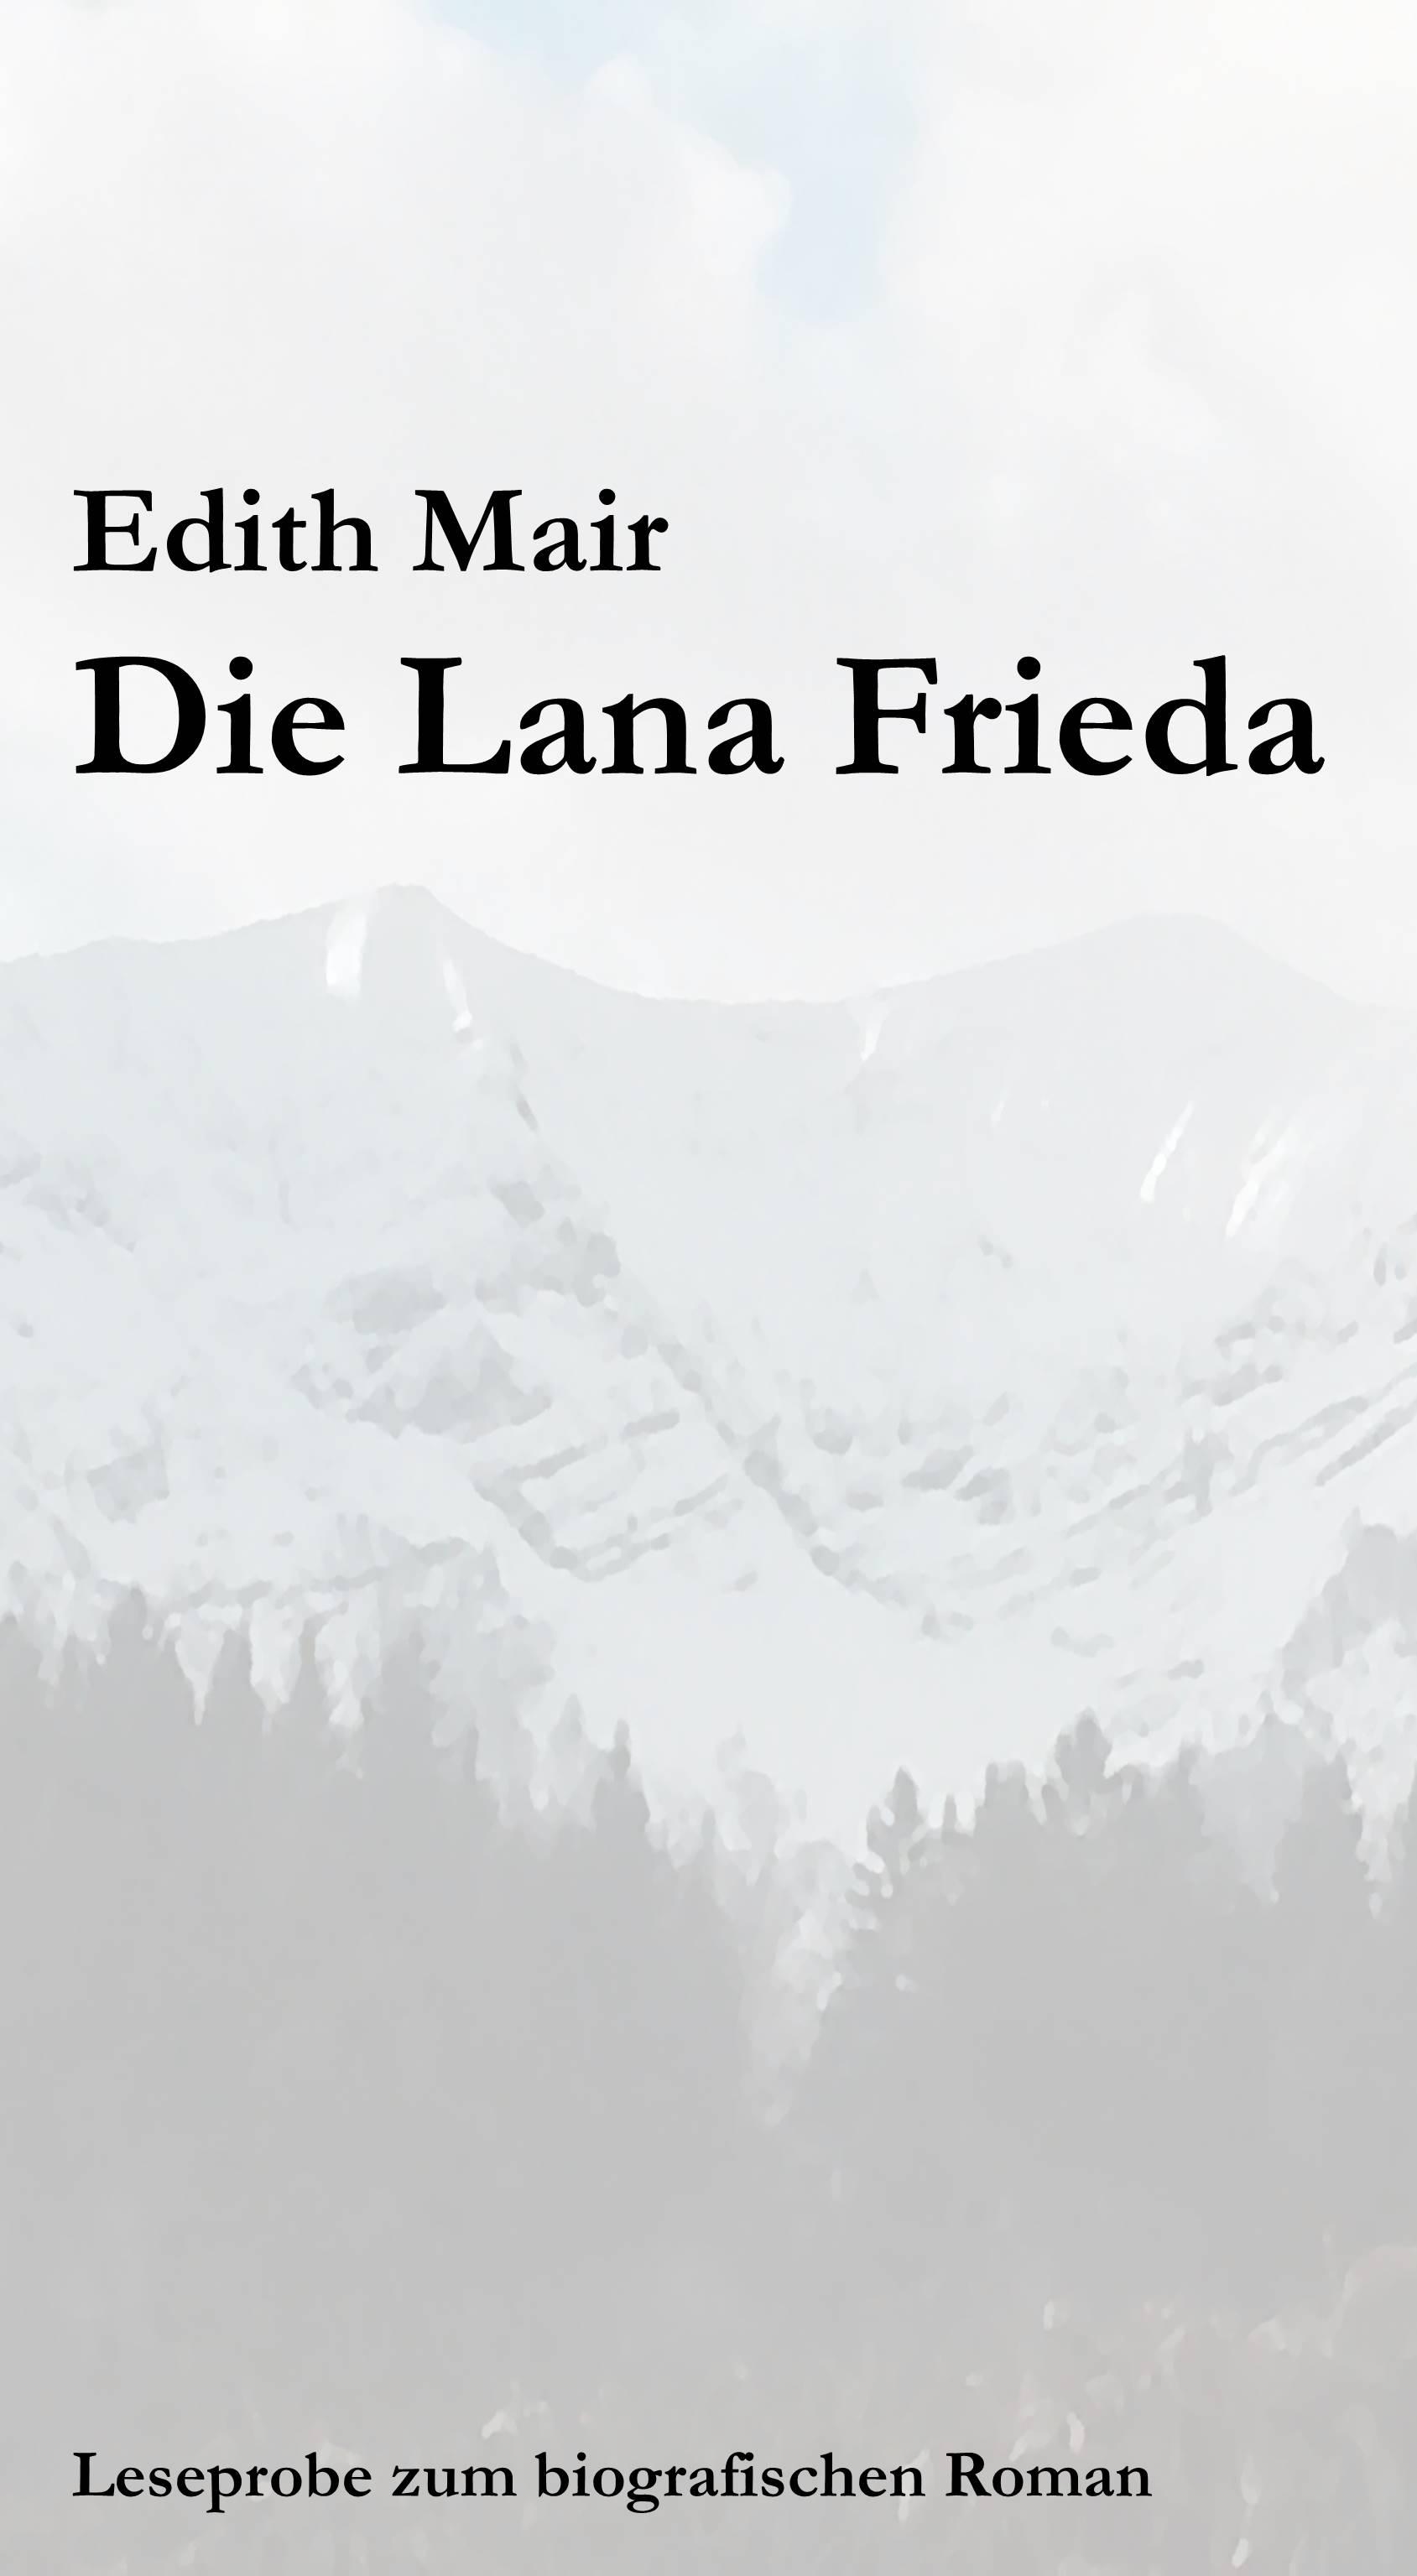 Titelbild: Die Lana Frieda - Leseprobe zum biografischen Roman